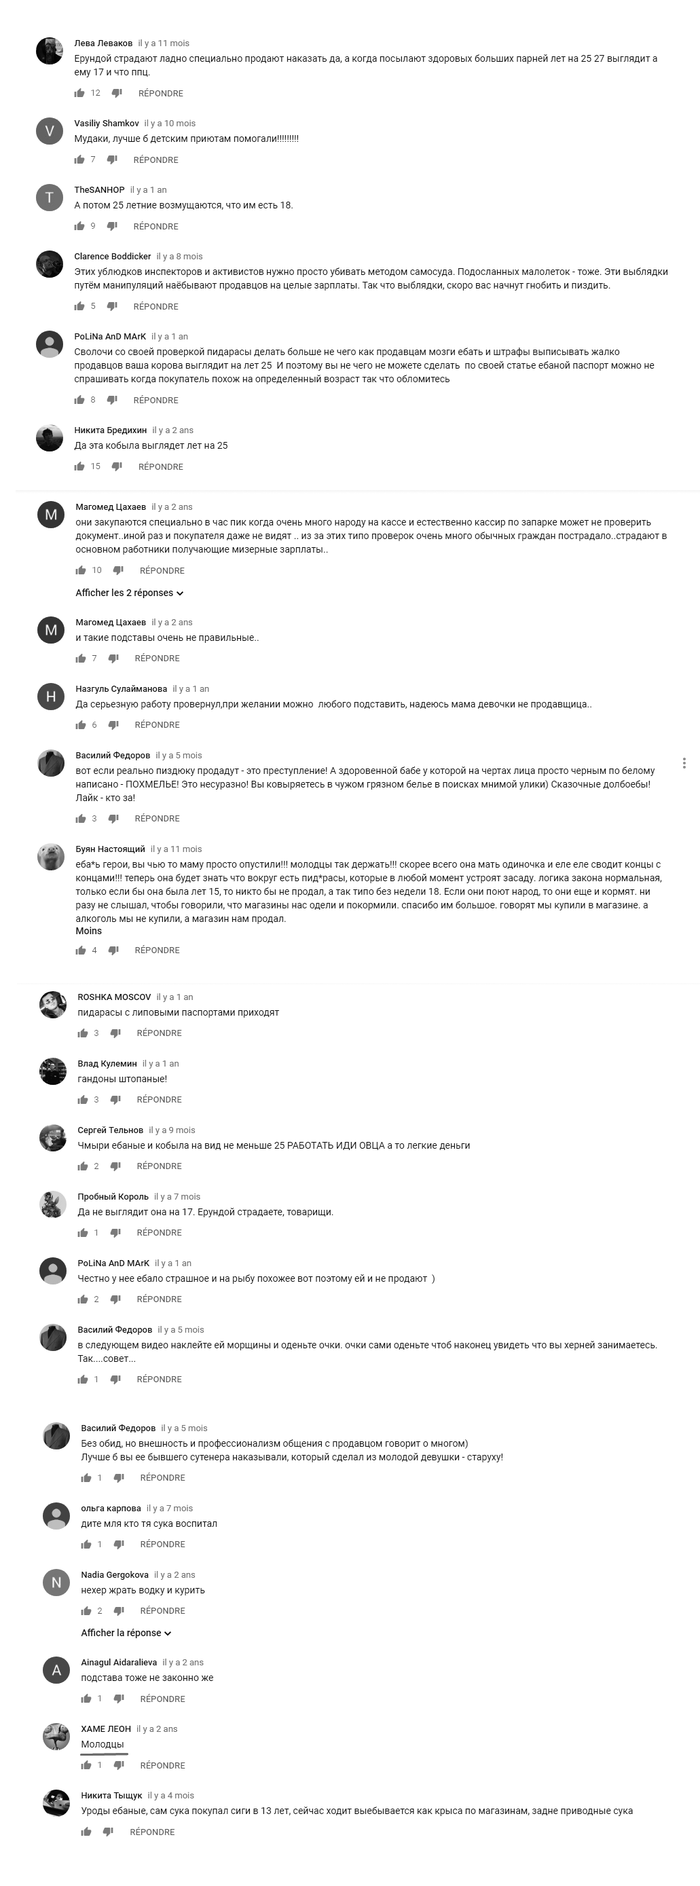 Продажа алкоголя несовершеннолетнему Пятерочка, Несовершеннолетние, Алкоголь, Длиннопост